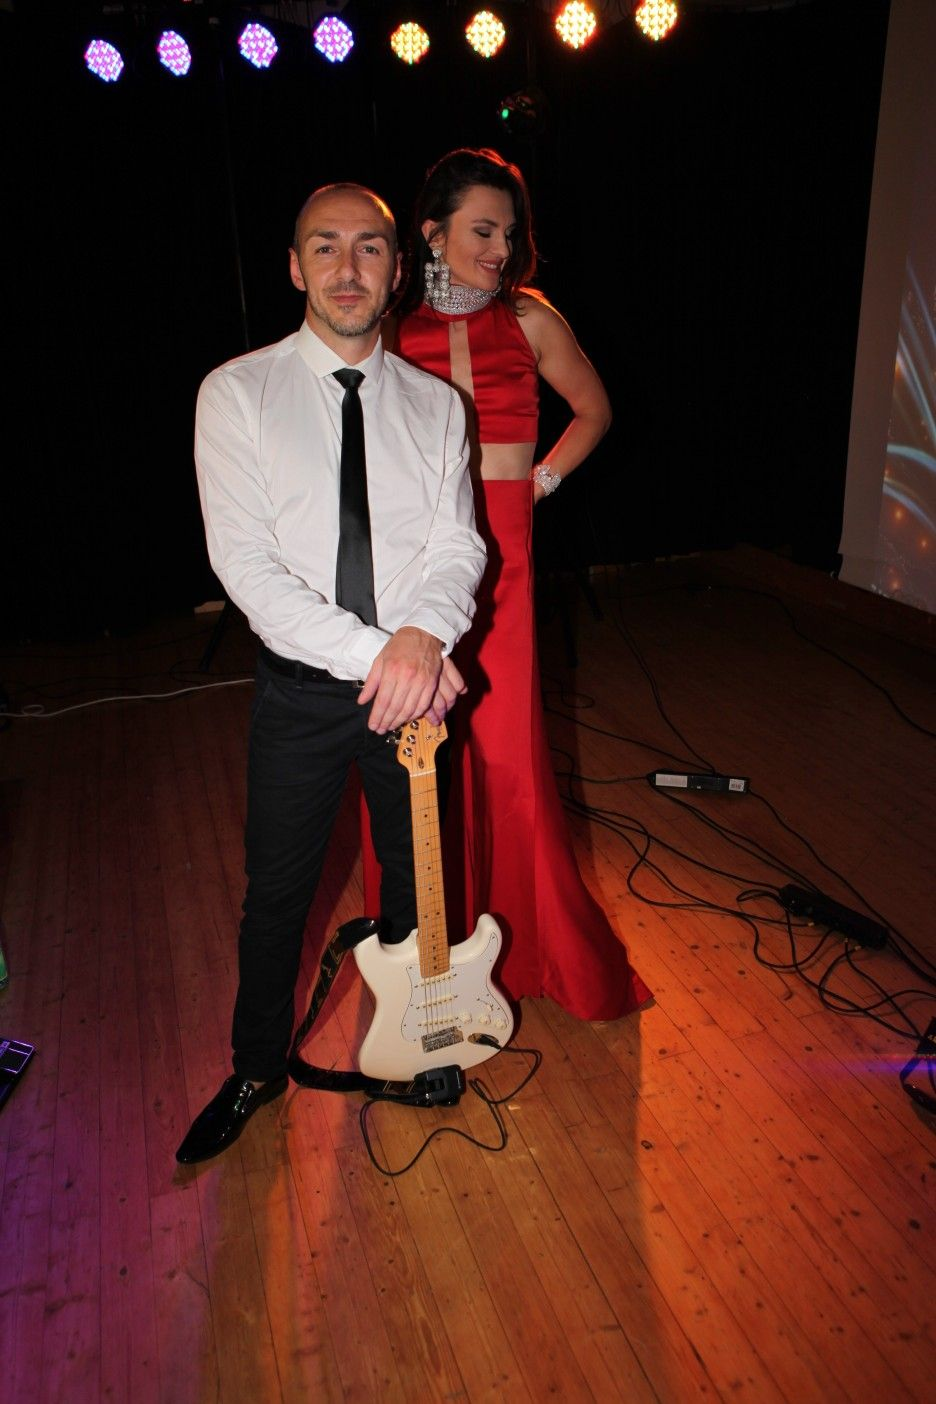 Showbandadrenalin Russischehochzeit Russwedding Saxplayer Geigeshow Musikband Partyband Hochzeit Hochzeitsband Adrenalinband C Mit Bildern Veranstaltung Hochzeit Feier